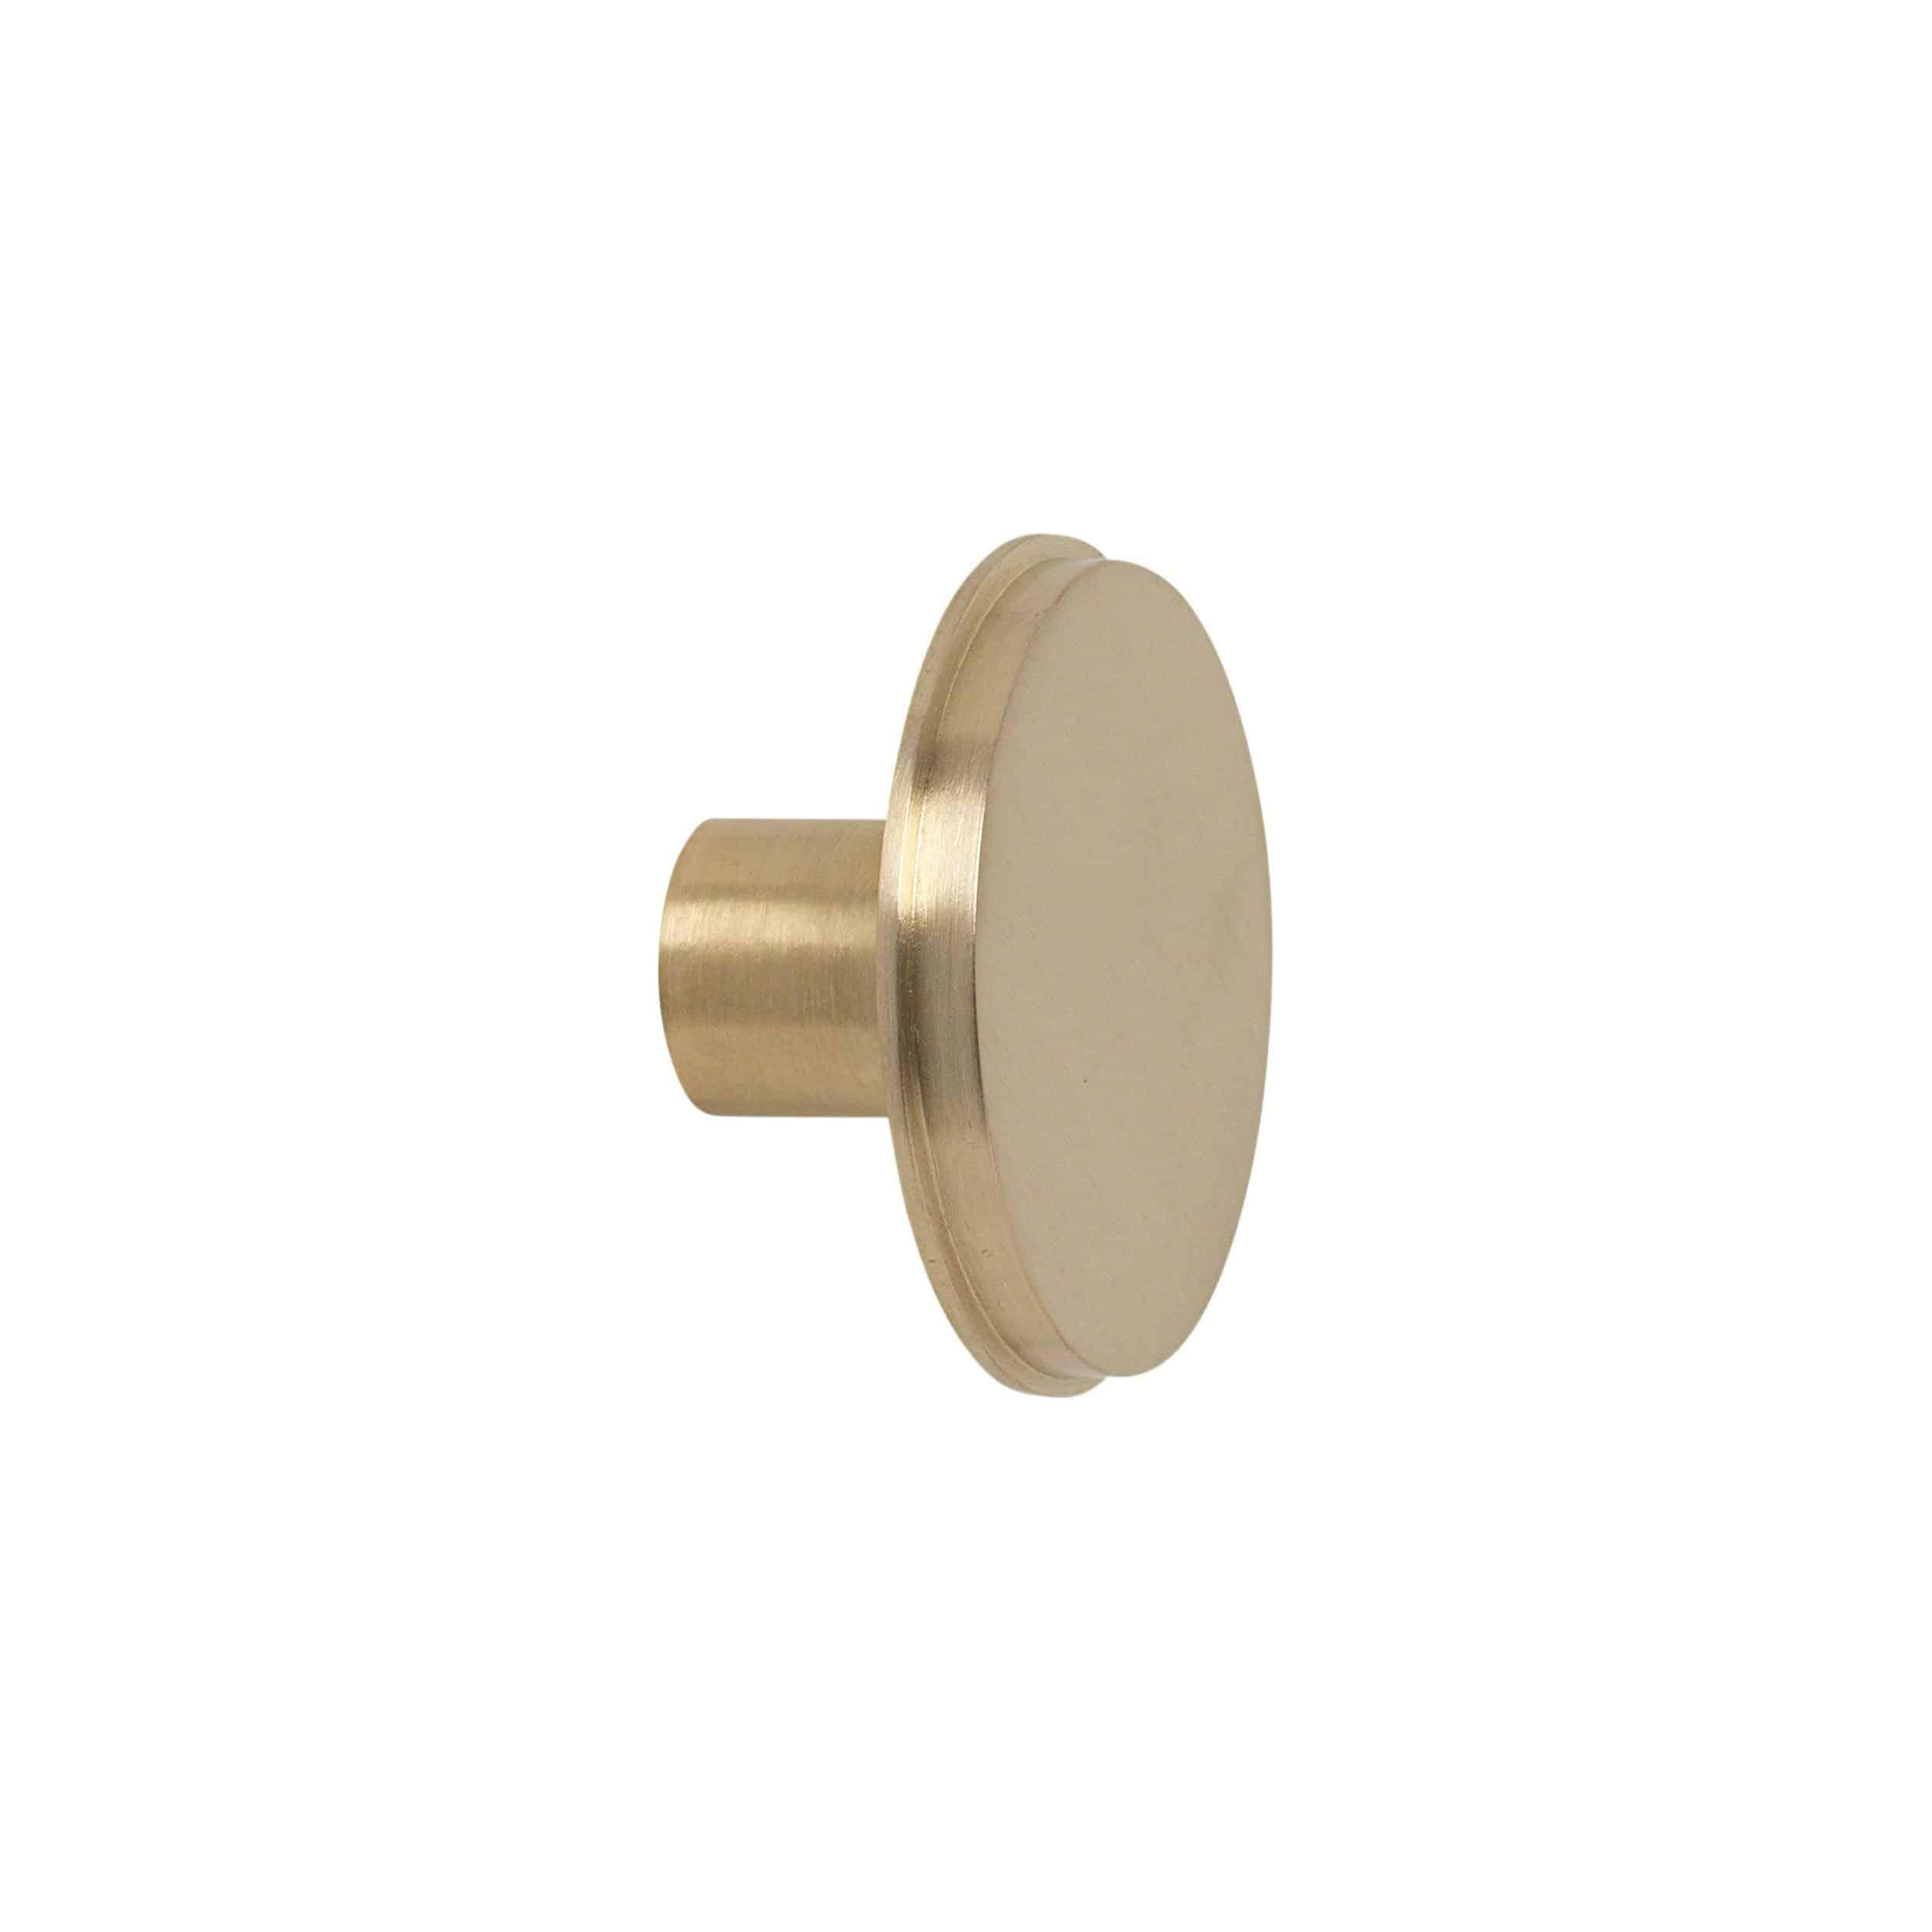 Brass Wandhaken